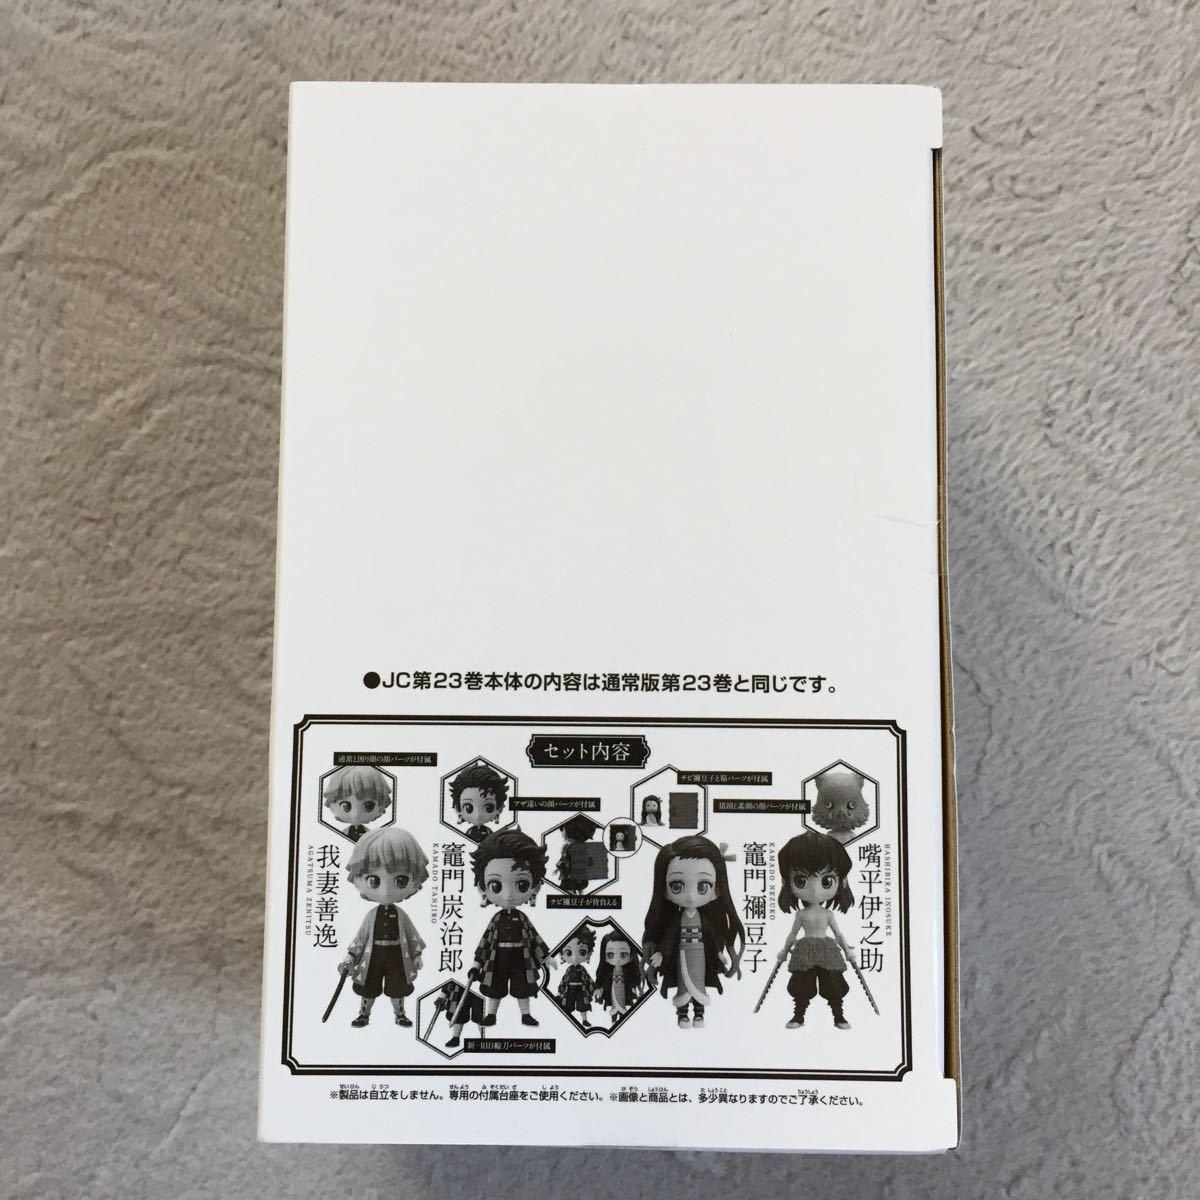 【鬼滅の刃 23】フィギュア4体セット ※フィギュアのみ  炭治郎 禰豆子 善逸 伊之助 最終巻 最終 最新巻 最新